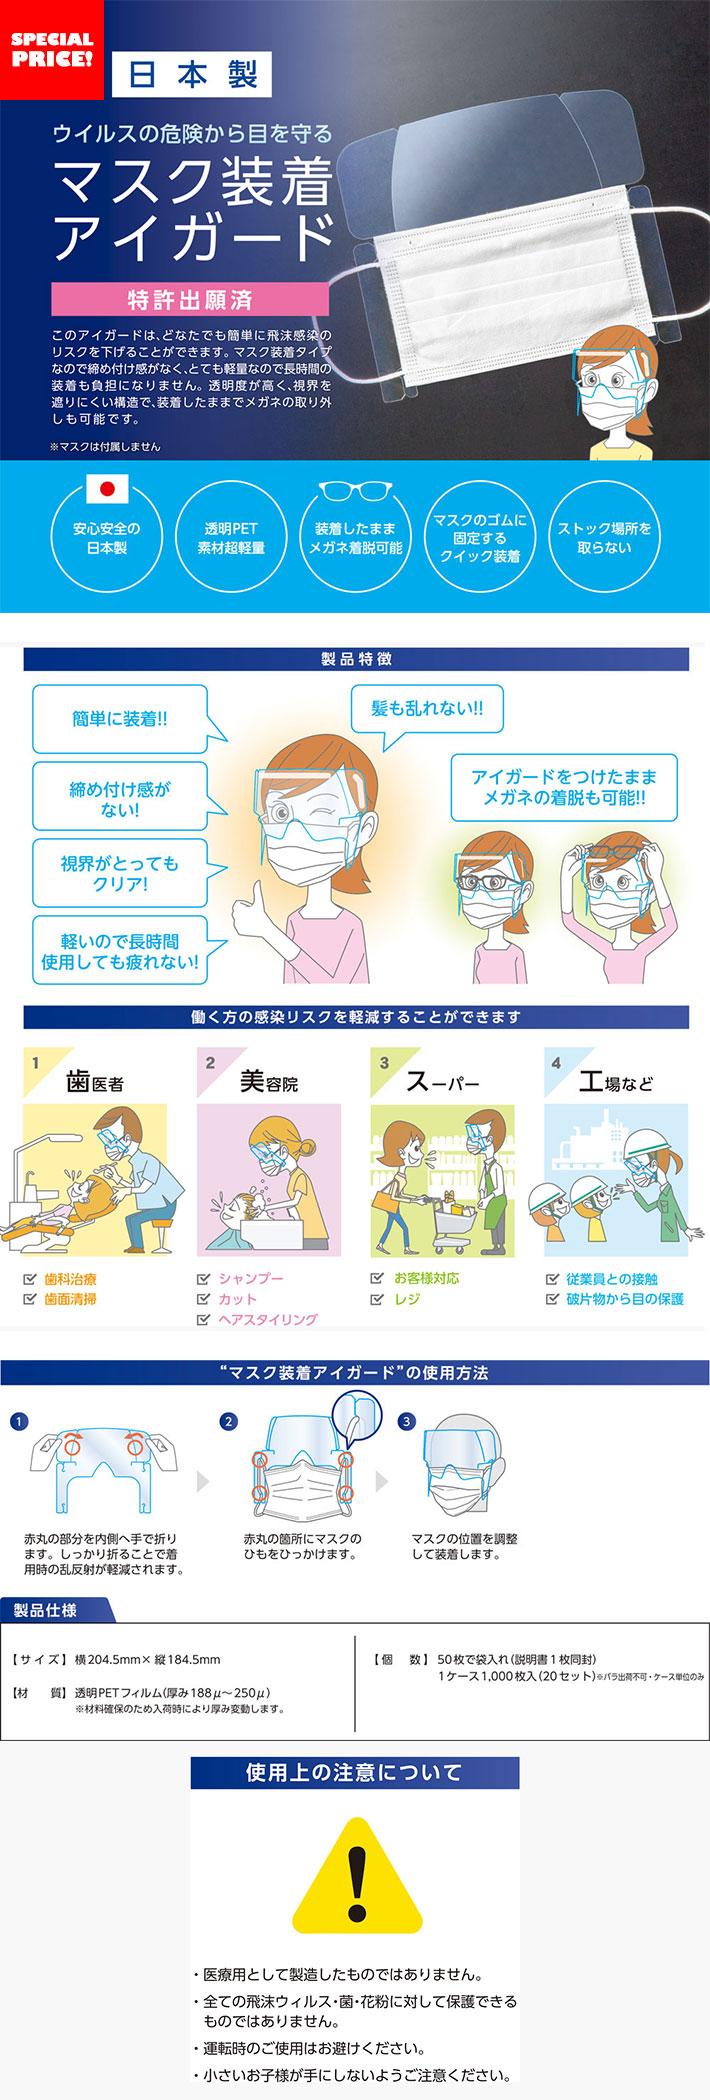 マスク取り付け型アイガード